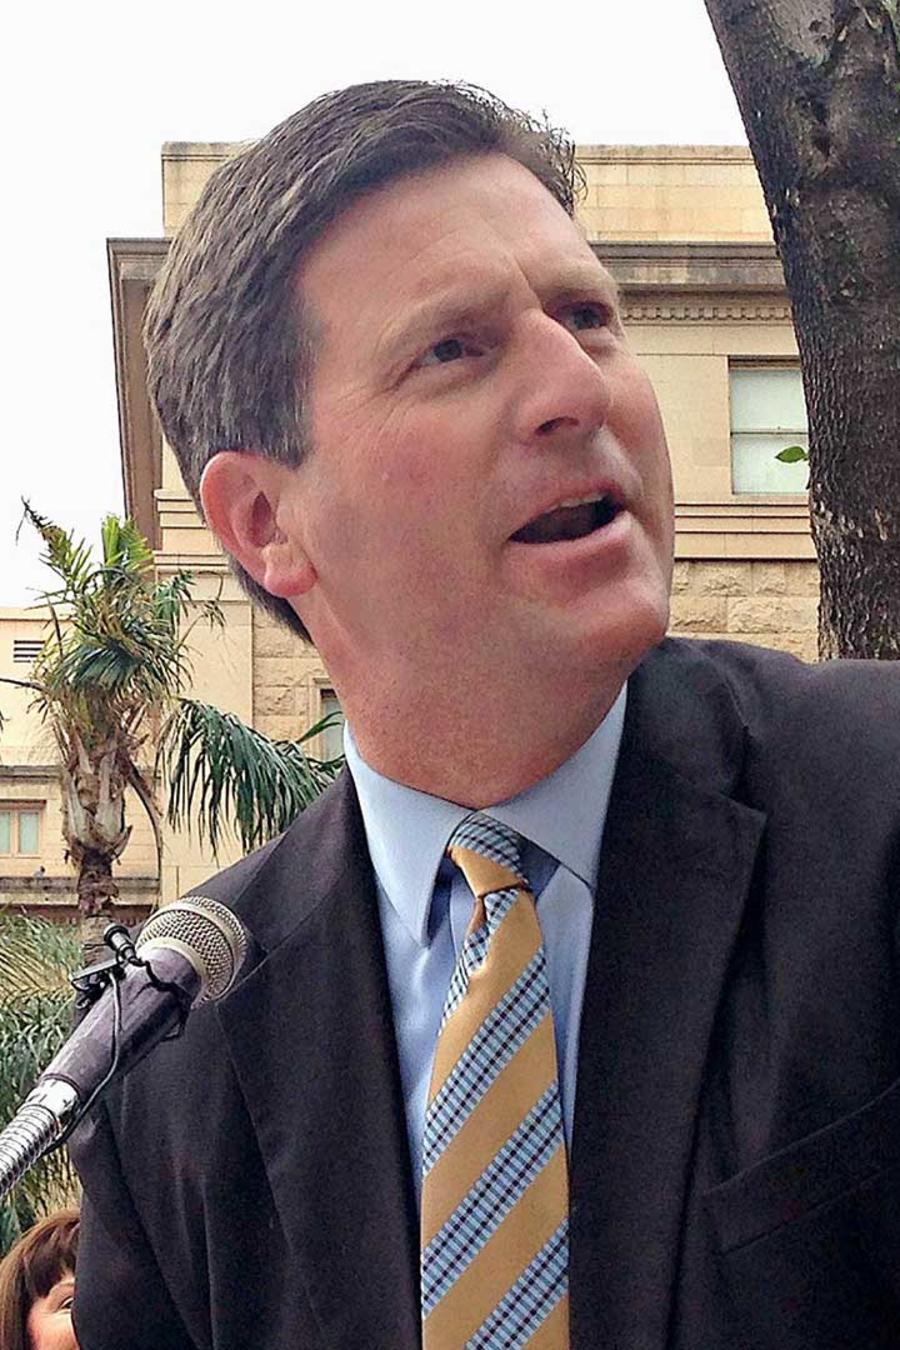 El alcalde de Phoenix, Arizona, Greg Stanton, en conferencia de prensa en el 2016